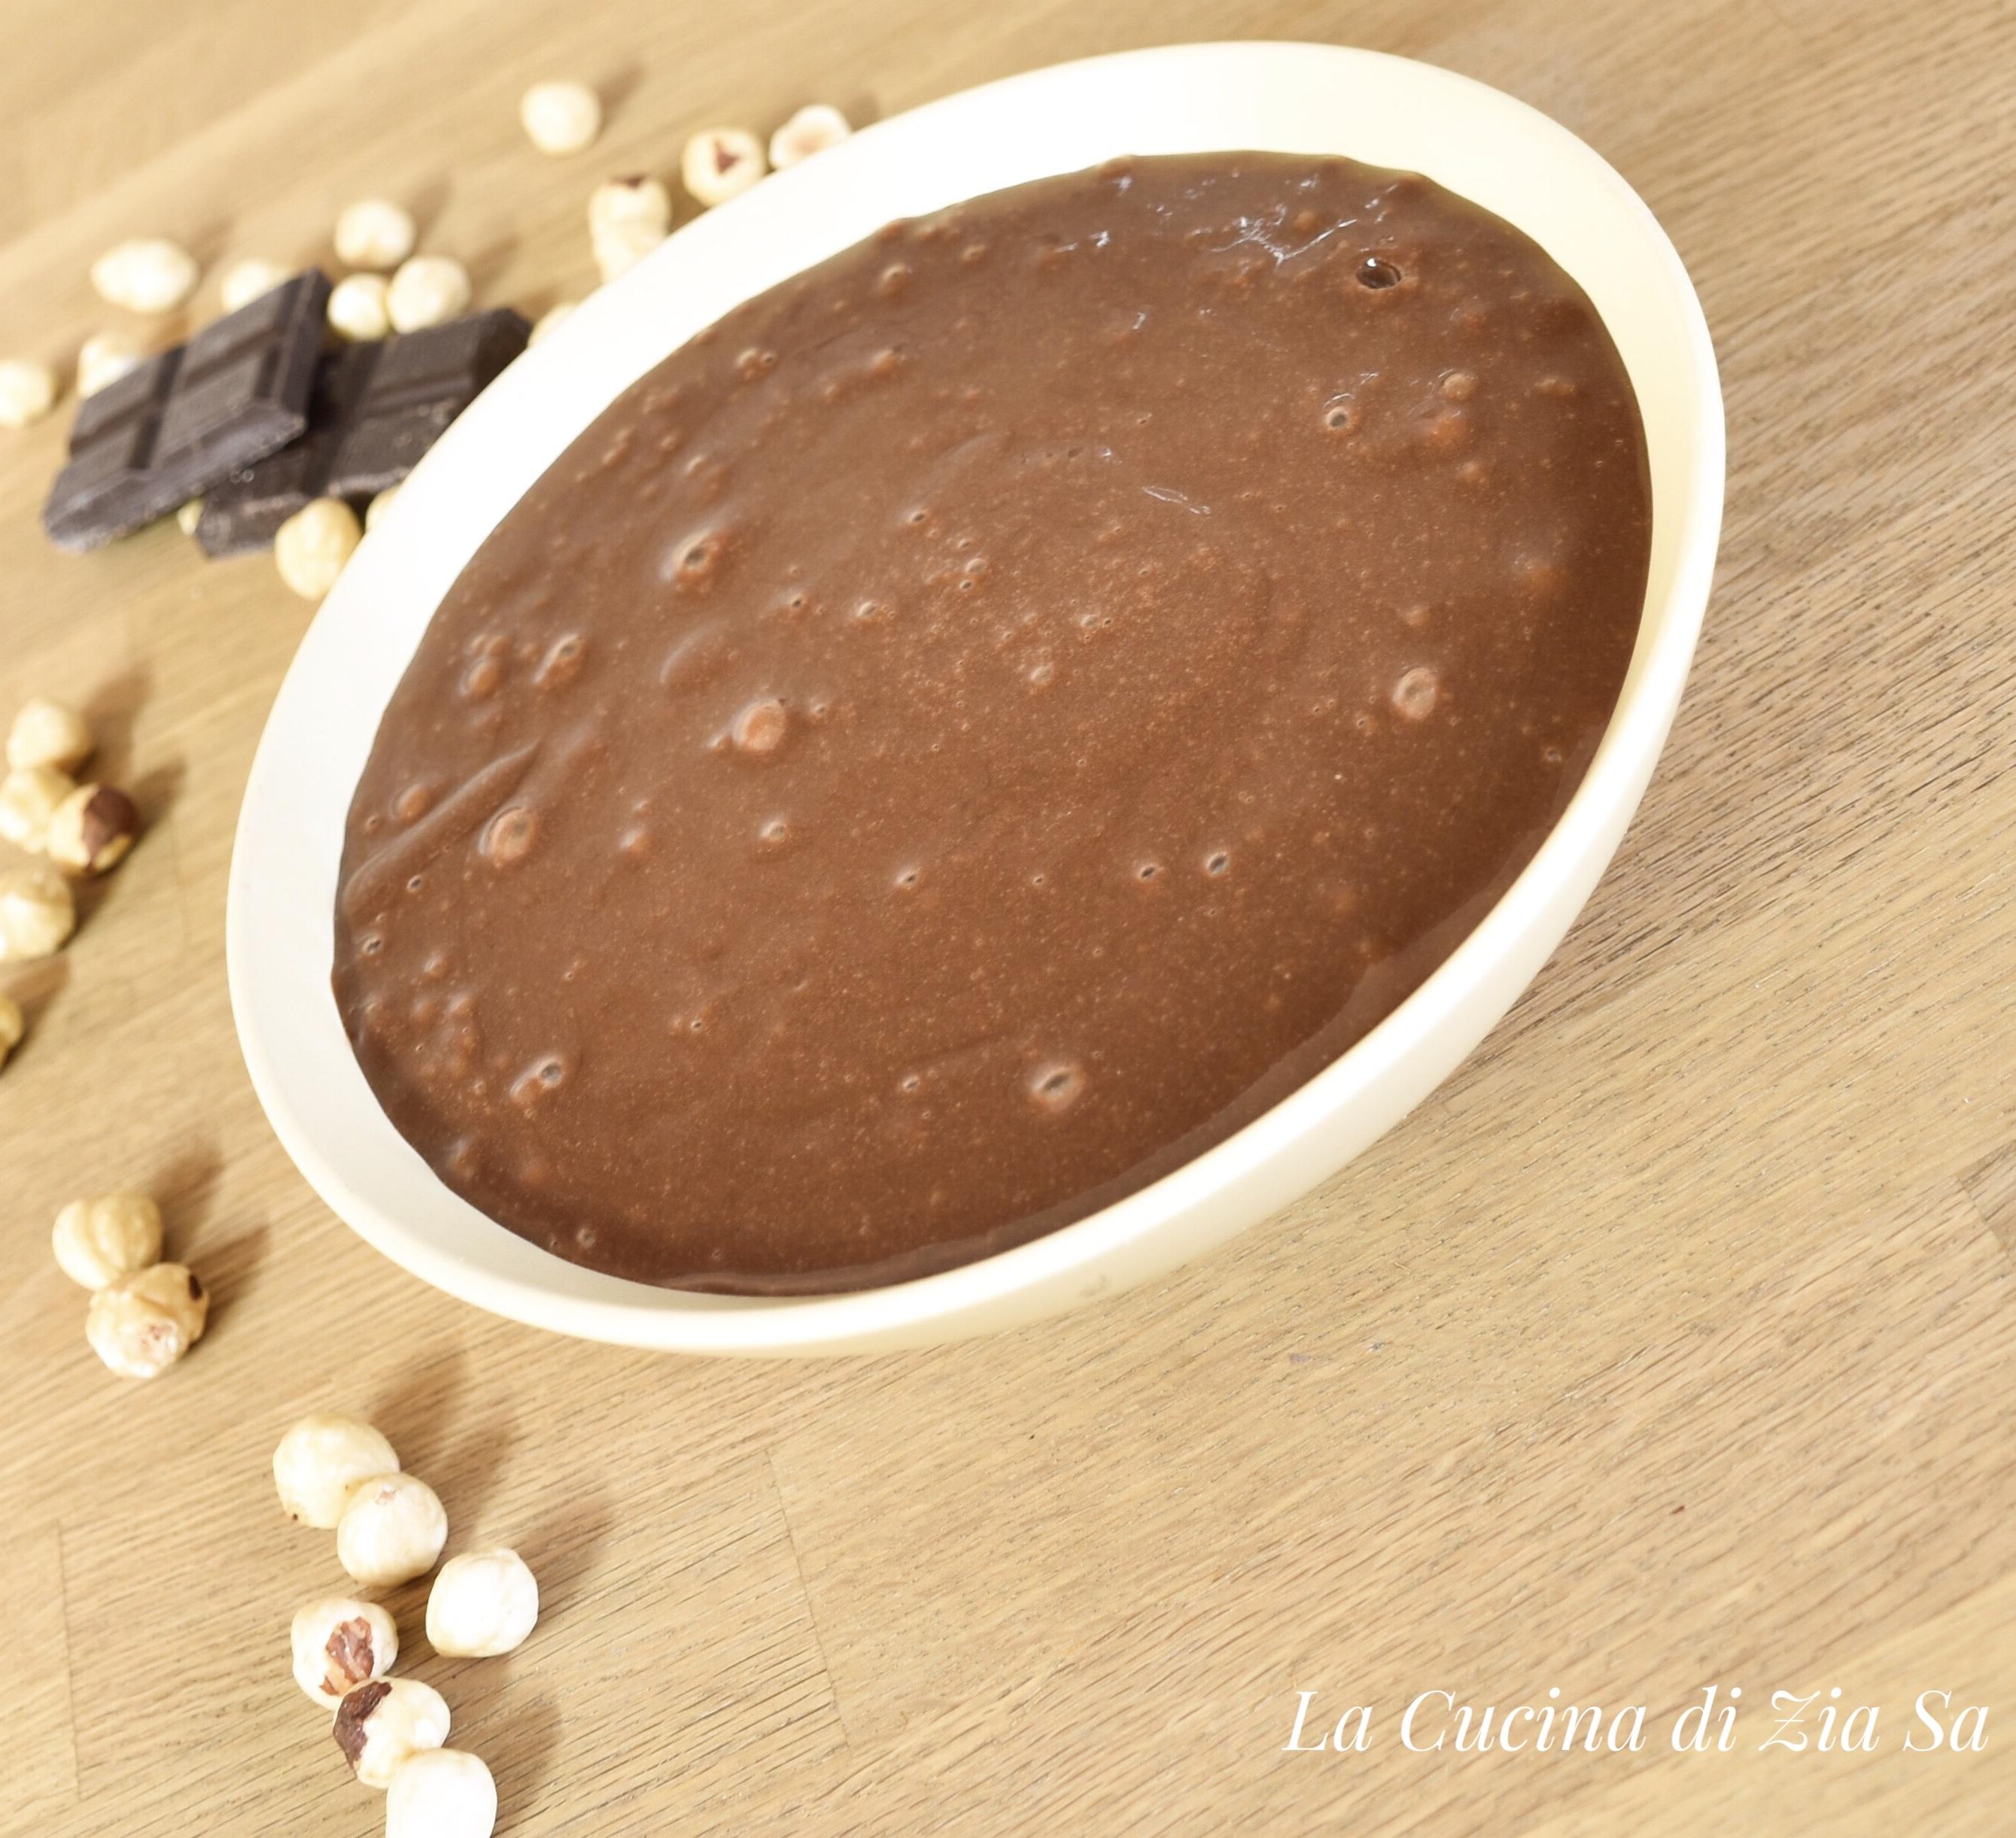 Ricetta Nutella Bimby Senza Zucchero.La Cucina Di Zia Sa Crema Alle Nocciole Bimby